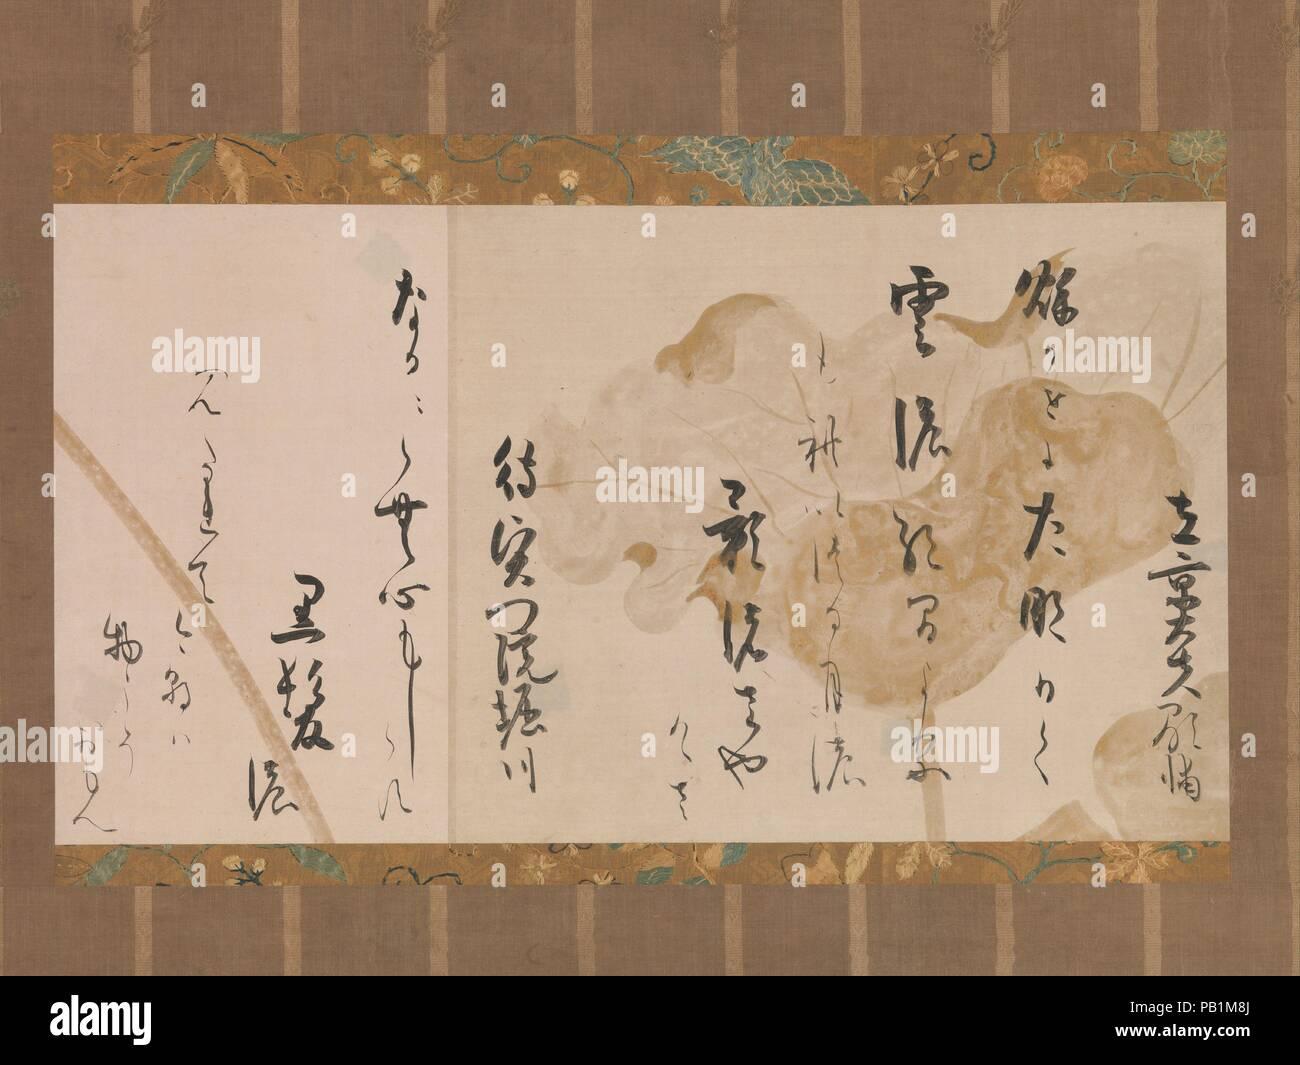 Deux Poèmes De Cent Poèmes Par Cent Poètes Ogura Hyakunin